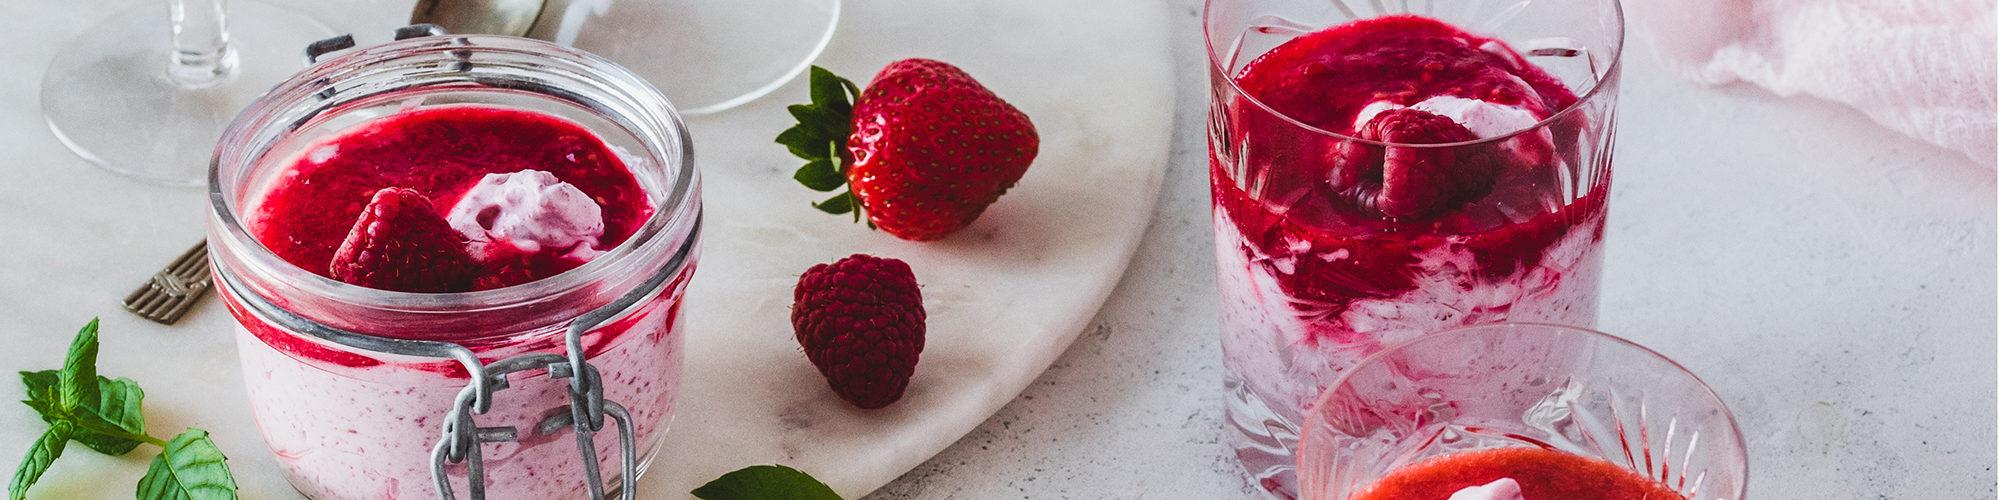 Puolukkavispin mansikkakastikkeella on perinteisen herkun päivitetty versio.